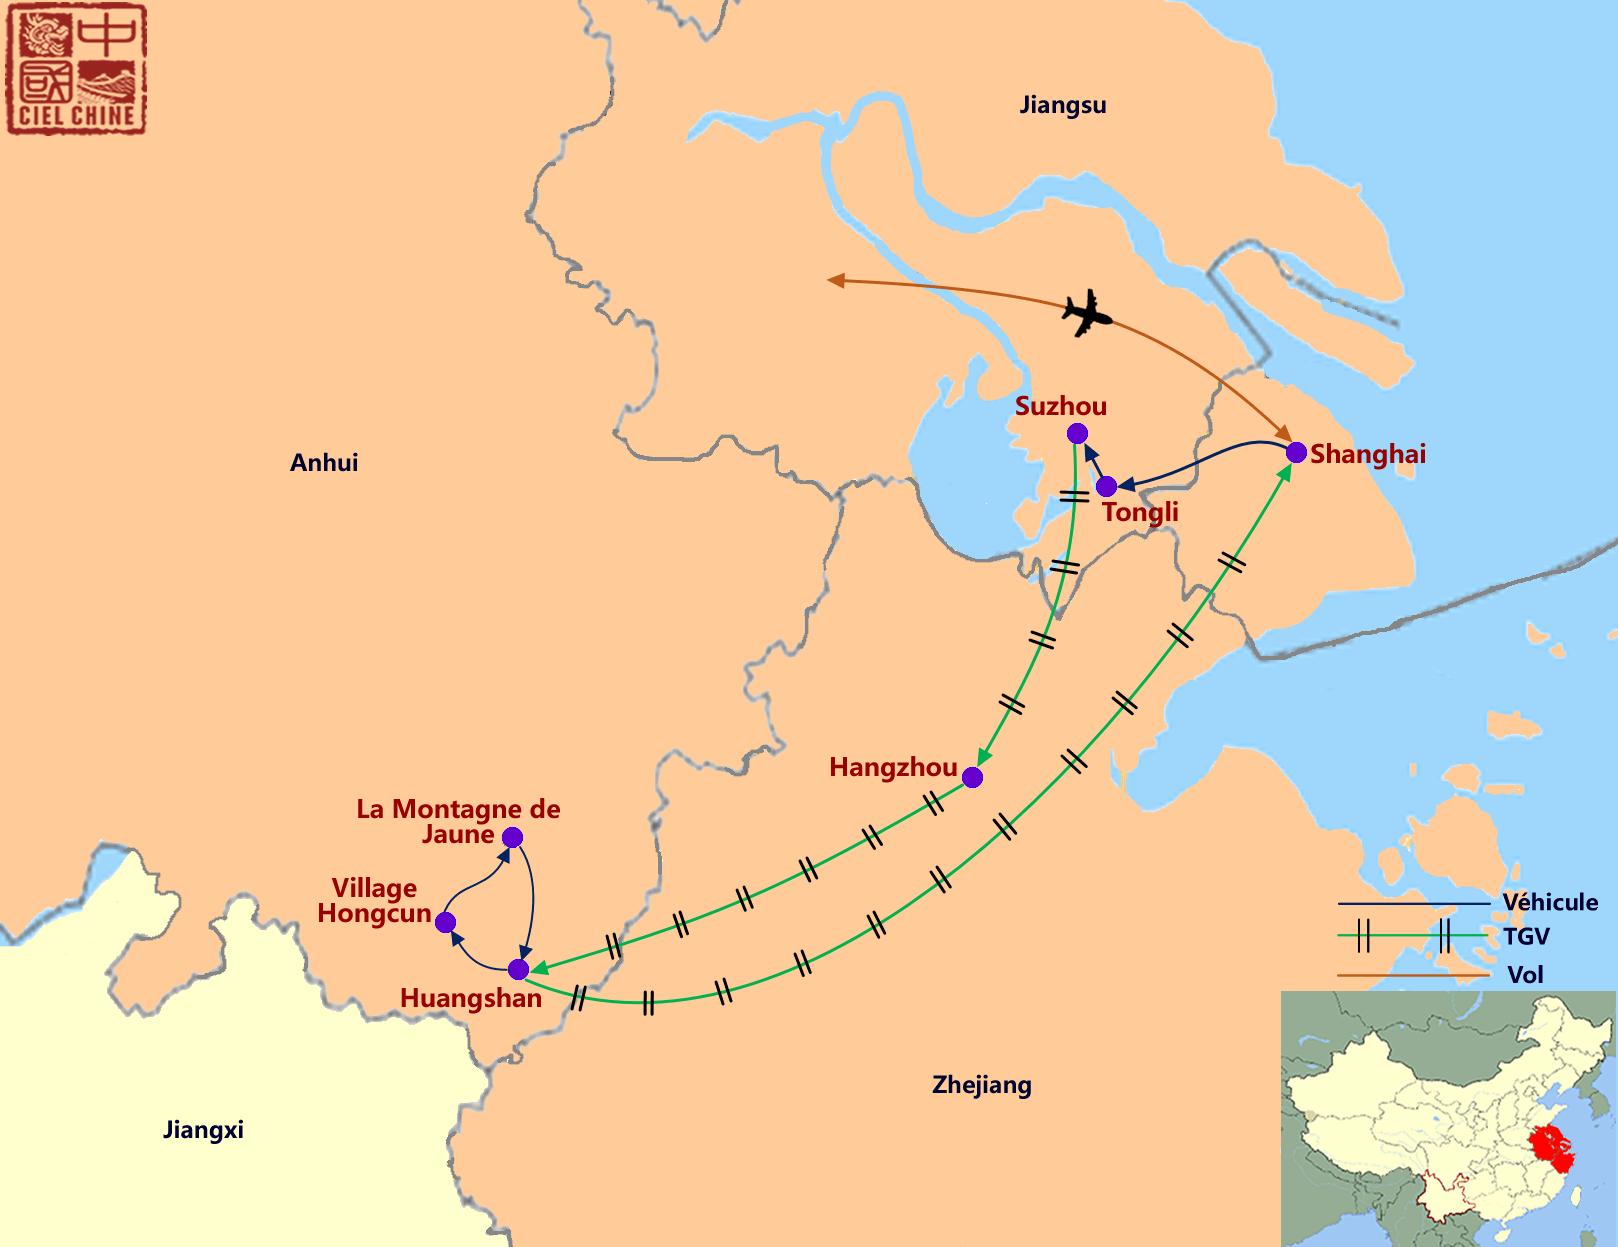 La carte du circuit de Shanghai, Hangzhou, Suzhou et Montagnes jaunes